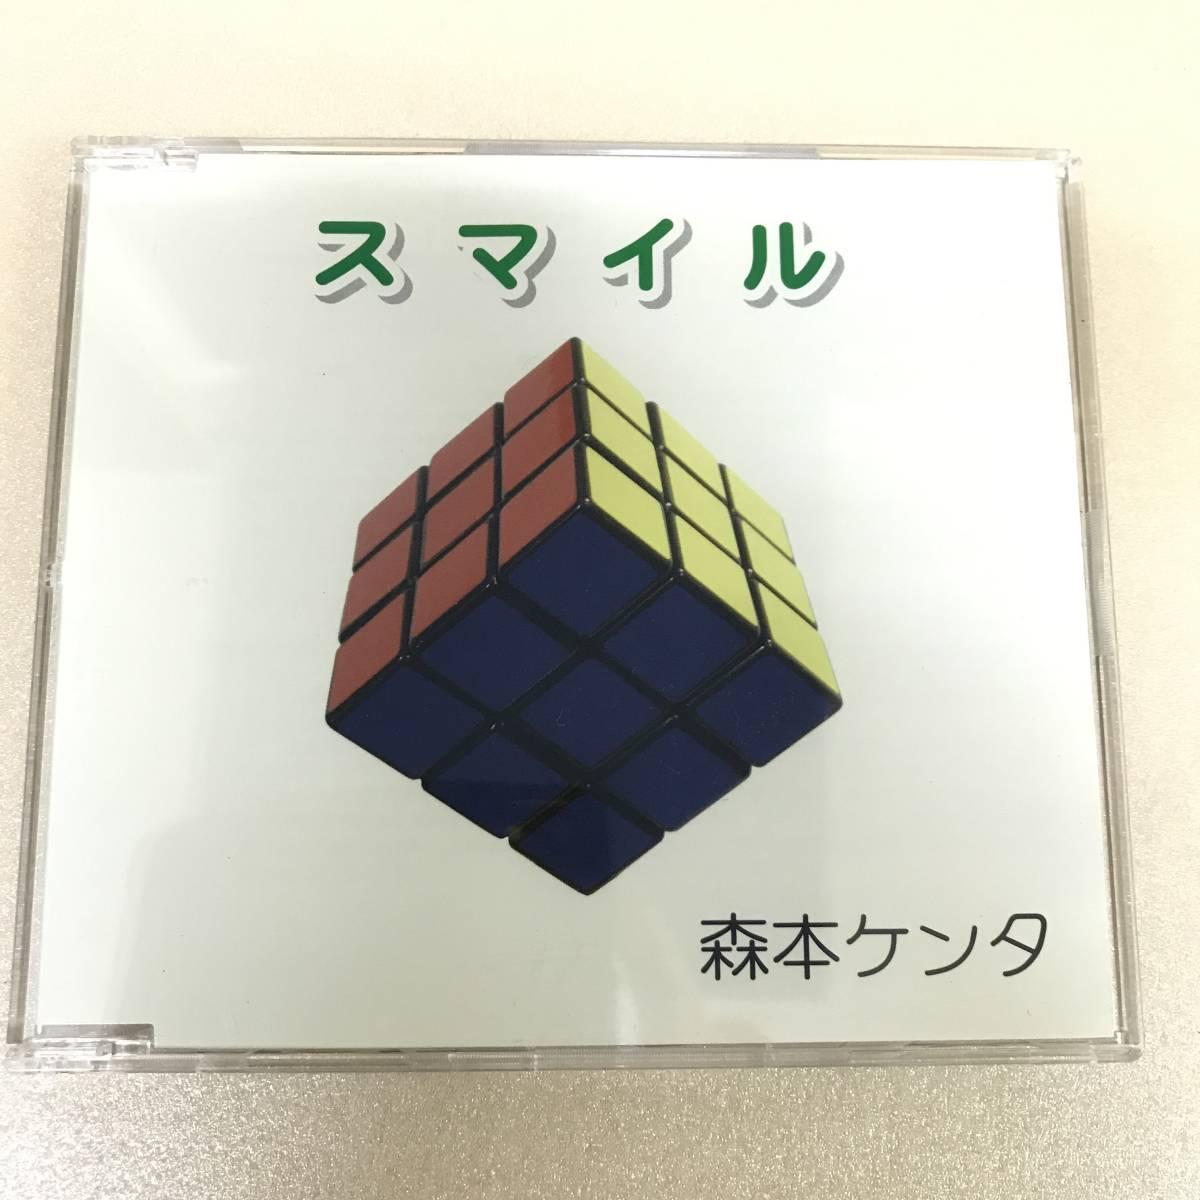 T-398 <広島ポップス> 森本ケンタ 「スマイル/いくつもの出会いへ」全4曲収録 2005年 OX Records_画像1